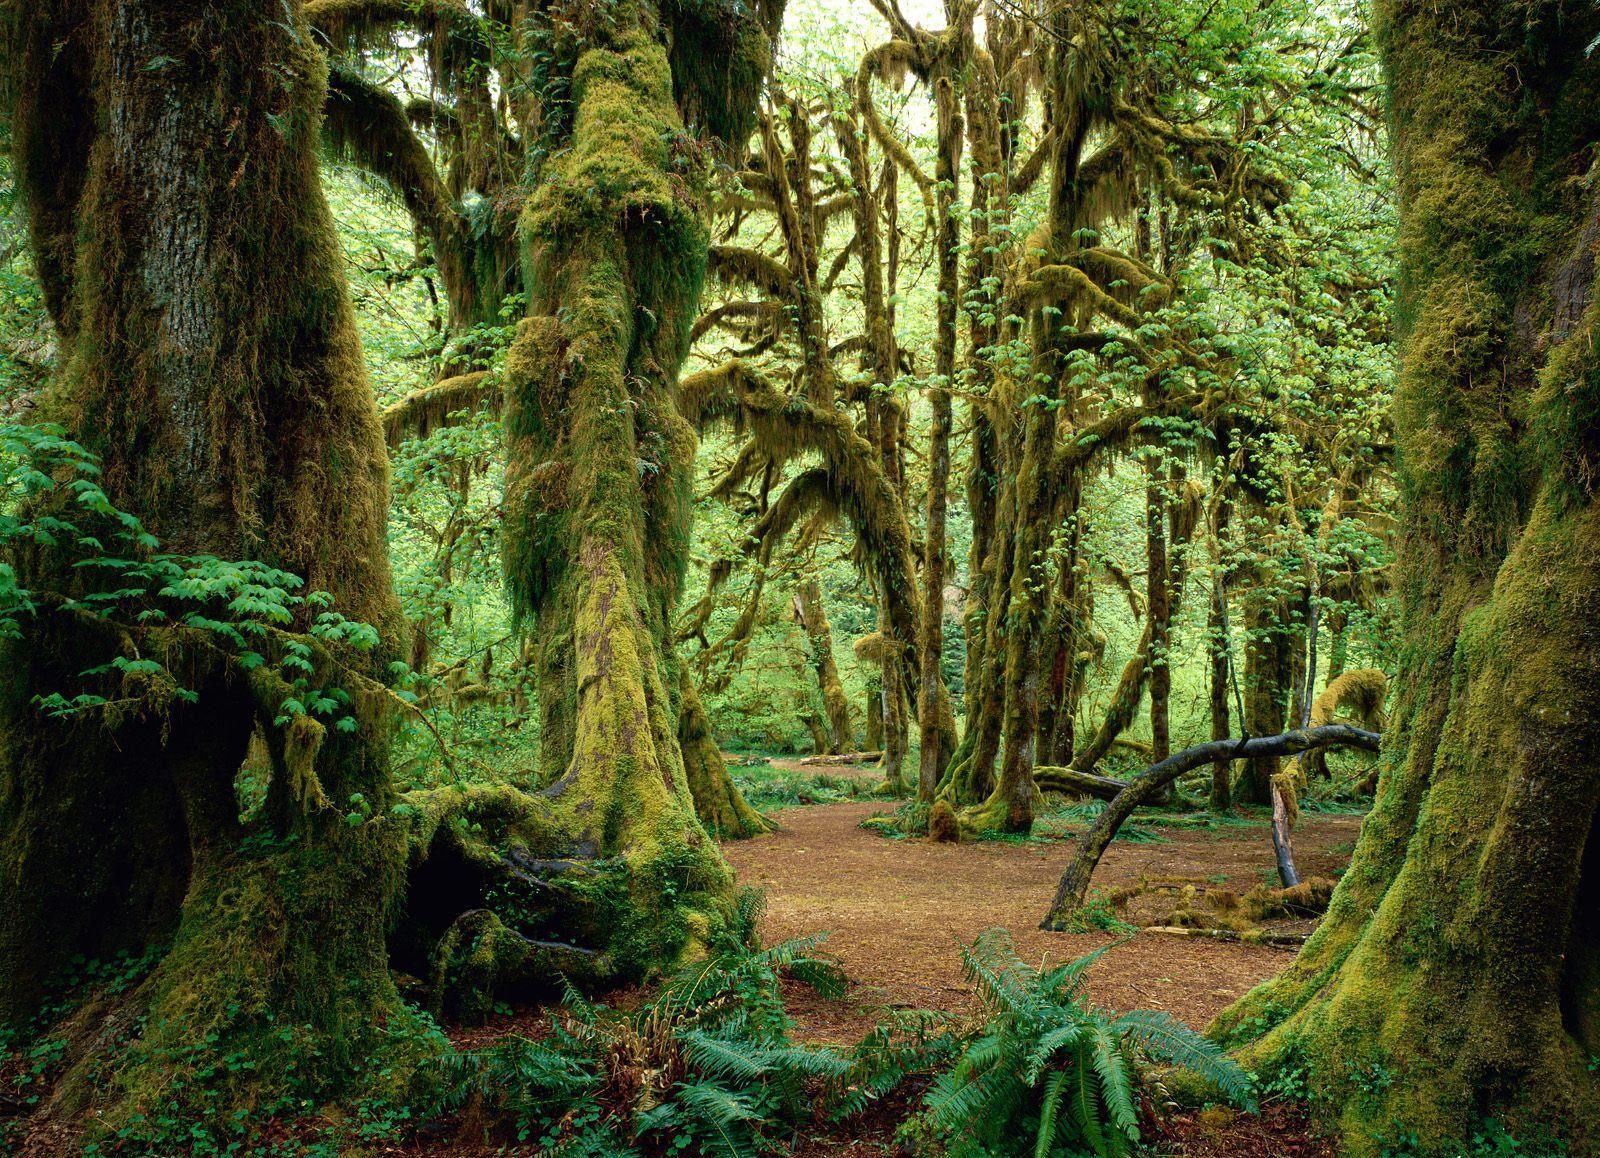 El misterioso bosque que parece respirar: el video es viral